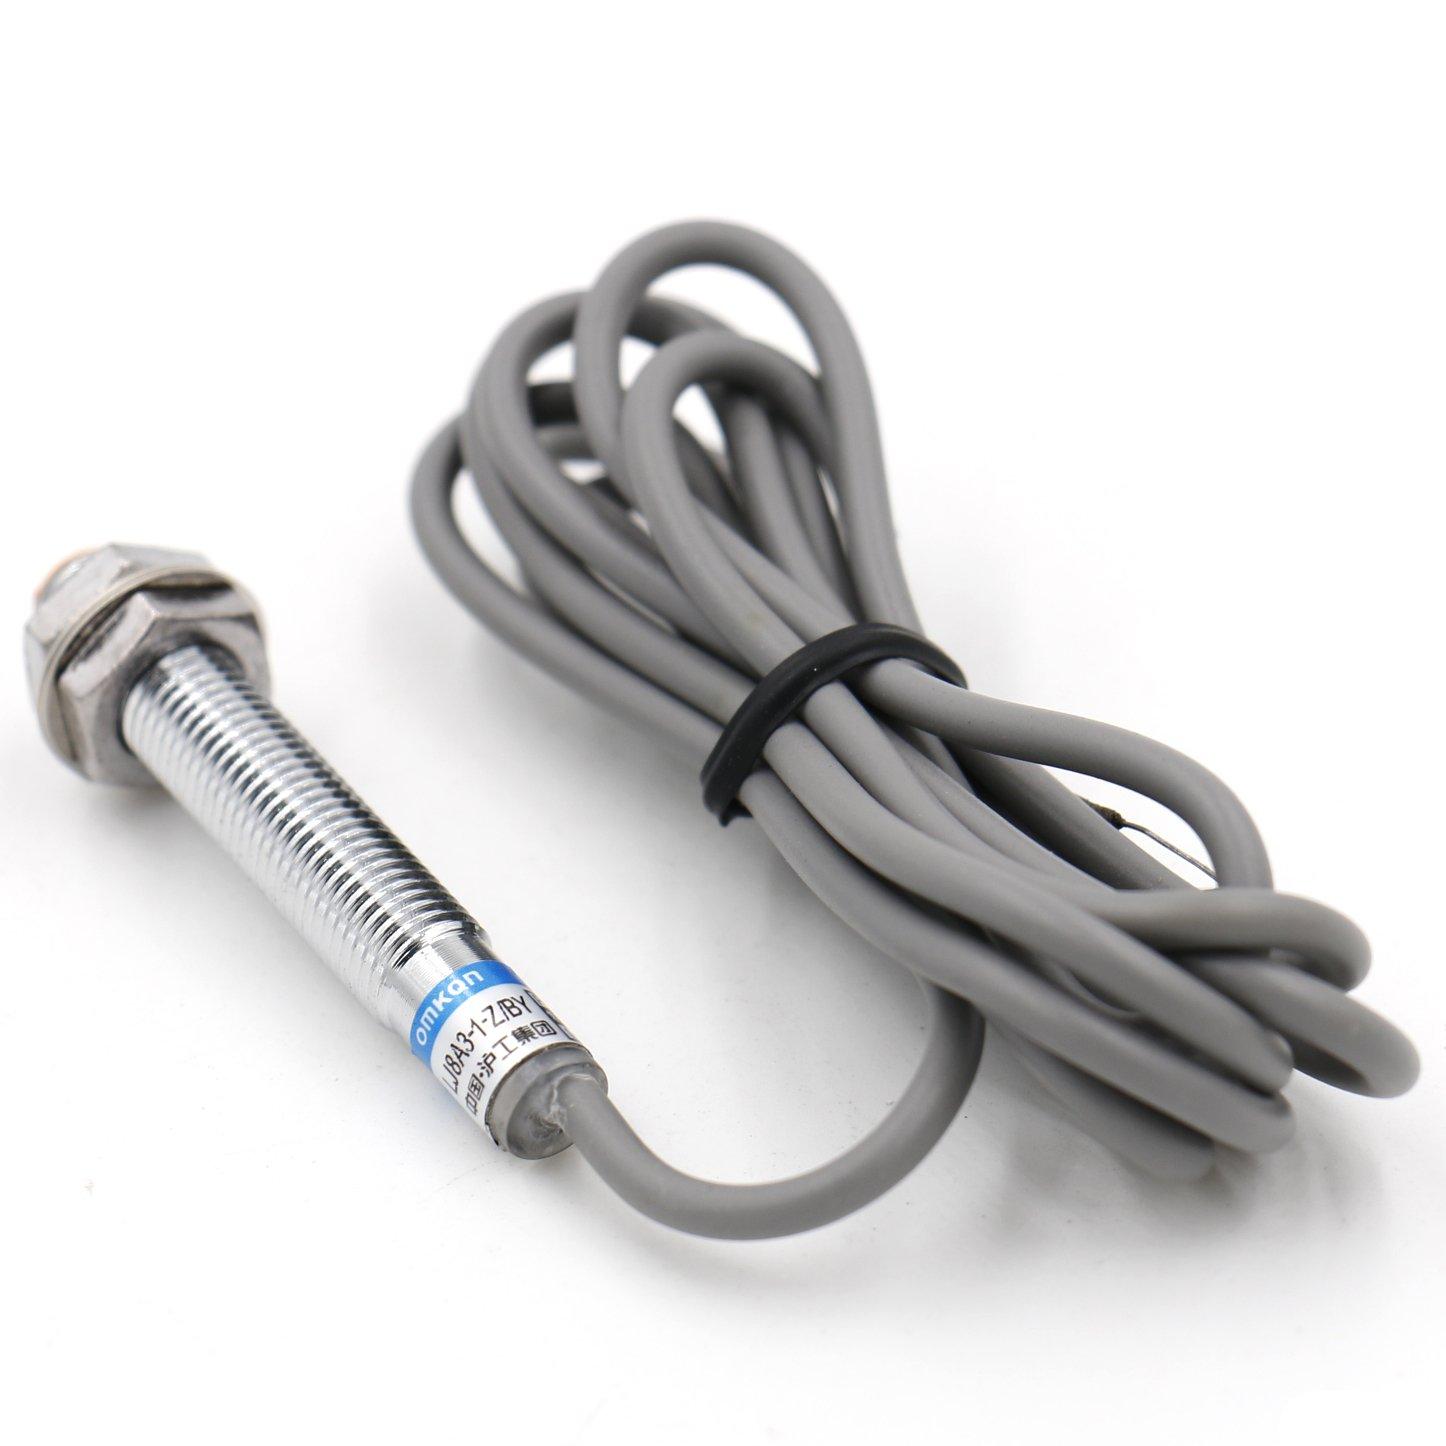 heschen inductiva Sensor de proximidad Interruptor LJ8/A3/ 3 alambre de /1-Z//por detector 1/mm 6/ /36/V 200/mA PNP NO Normalmente Abierto